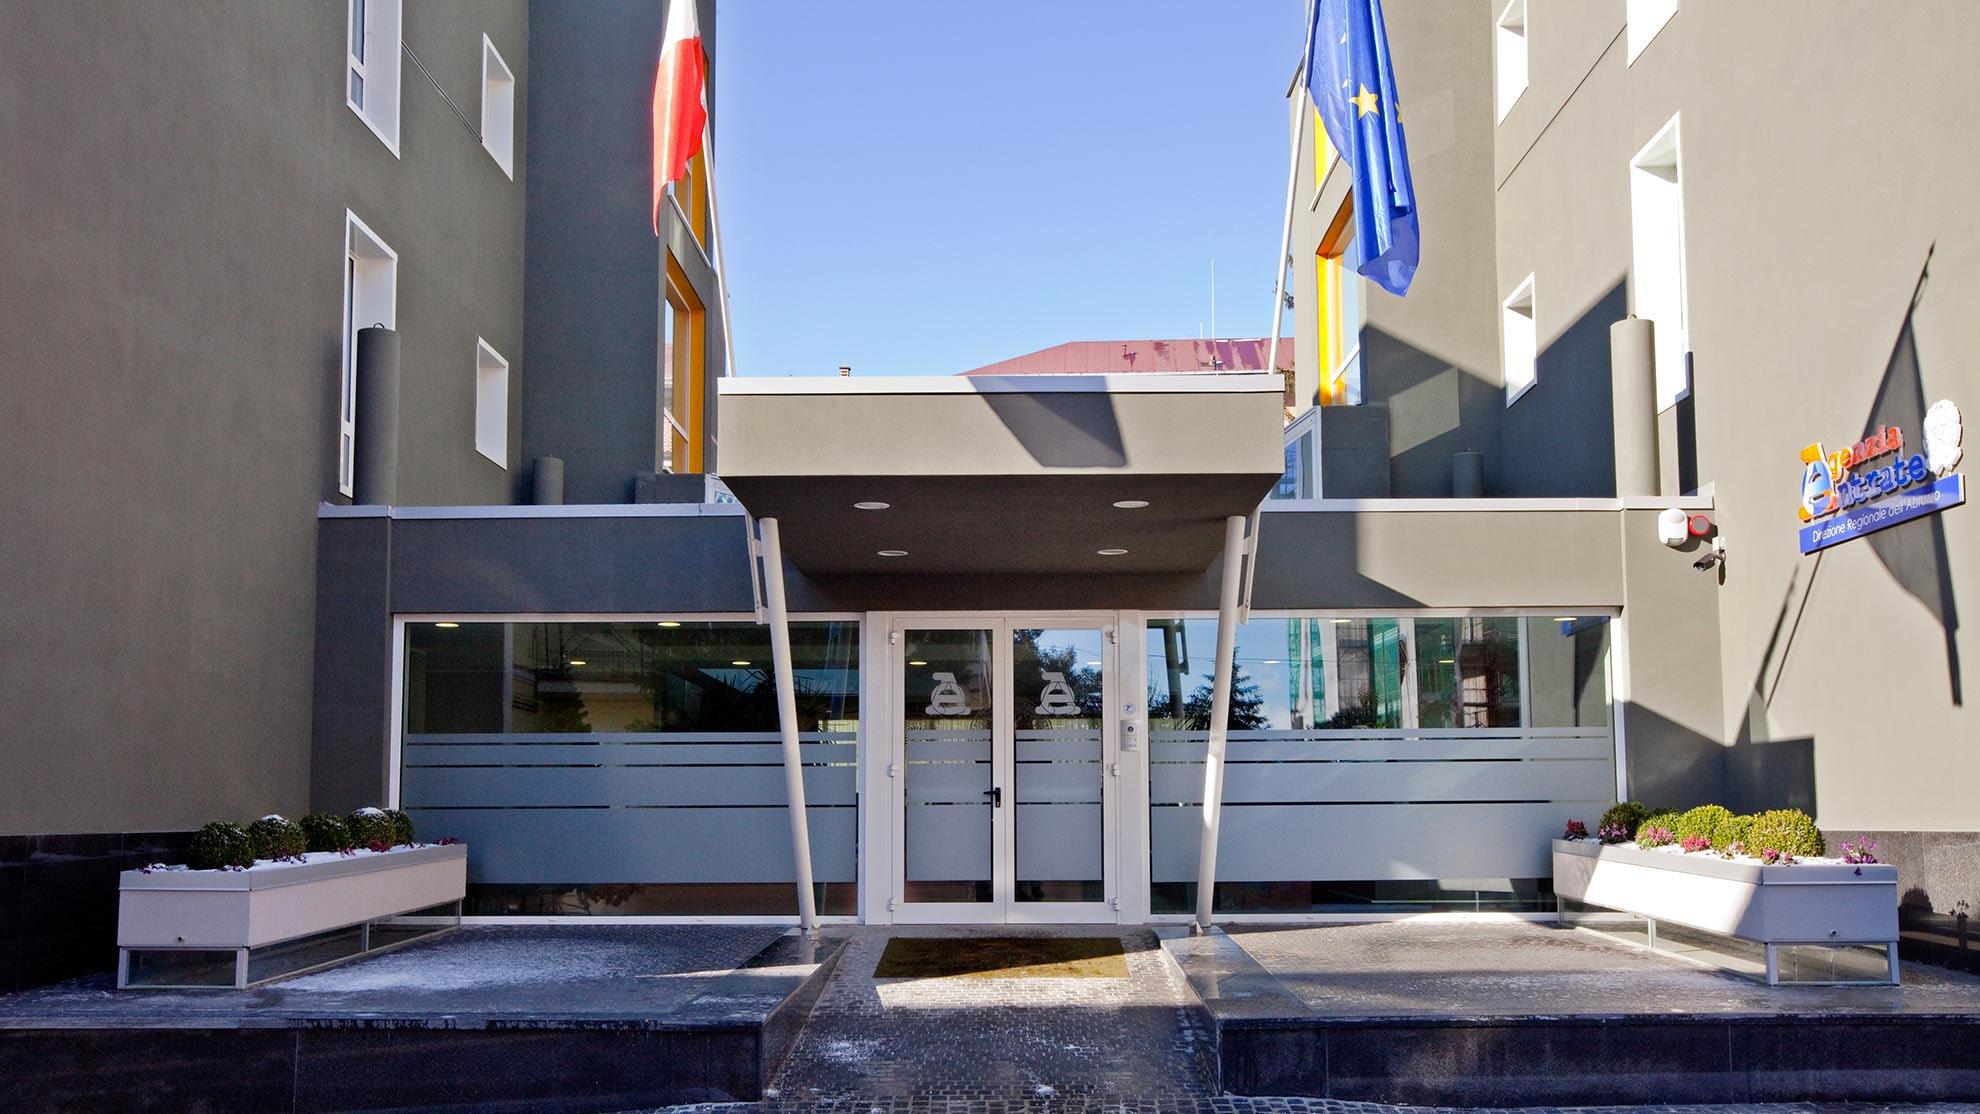 Agenzia delle Entrate de L'Aquila